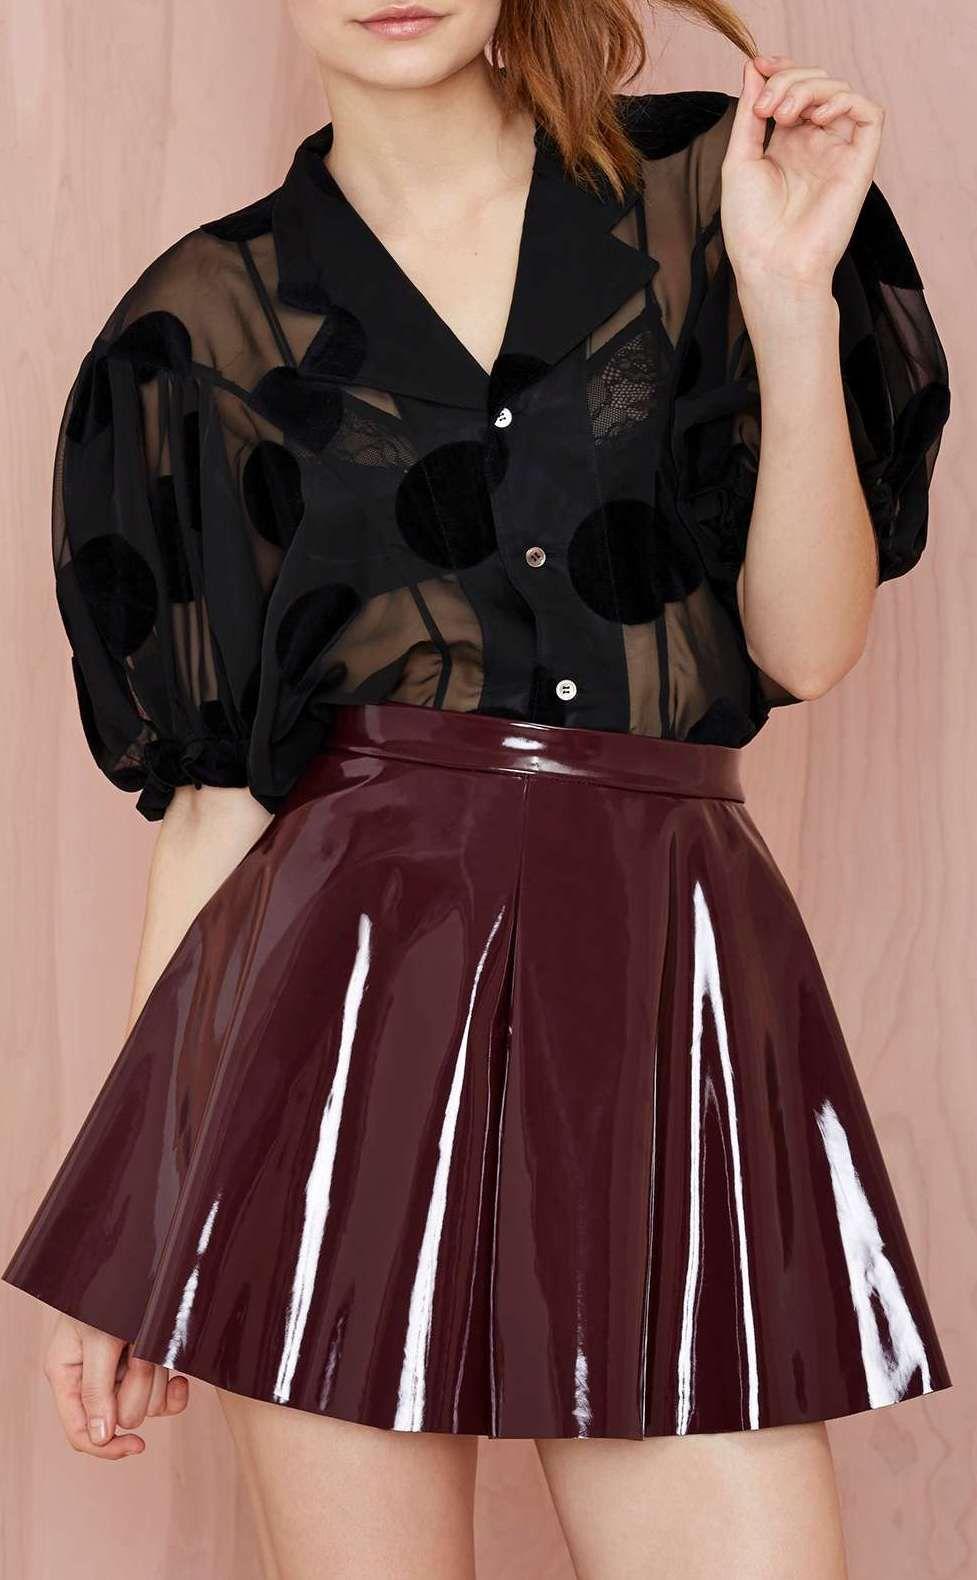 eecd5c16bc08 Glamorous Vinyl Frontier Skater Skirt   Fashion   Fashion, Pvc skirt ...